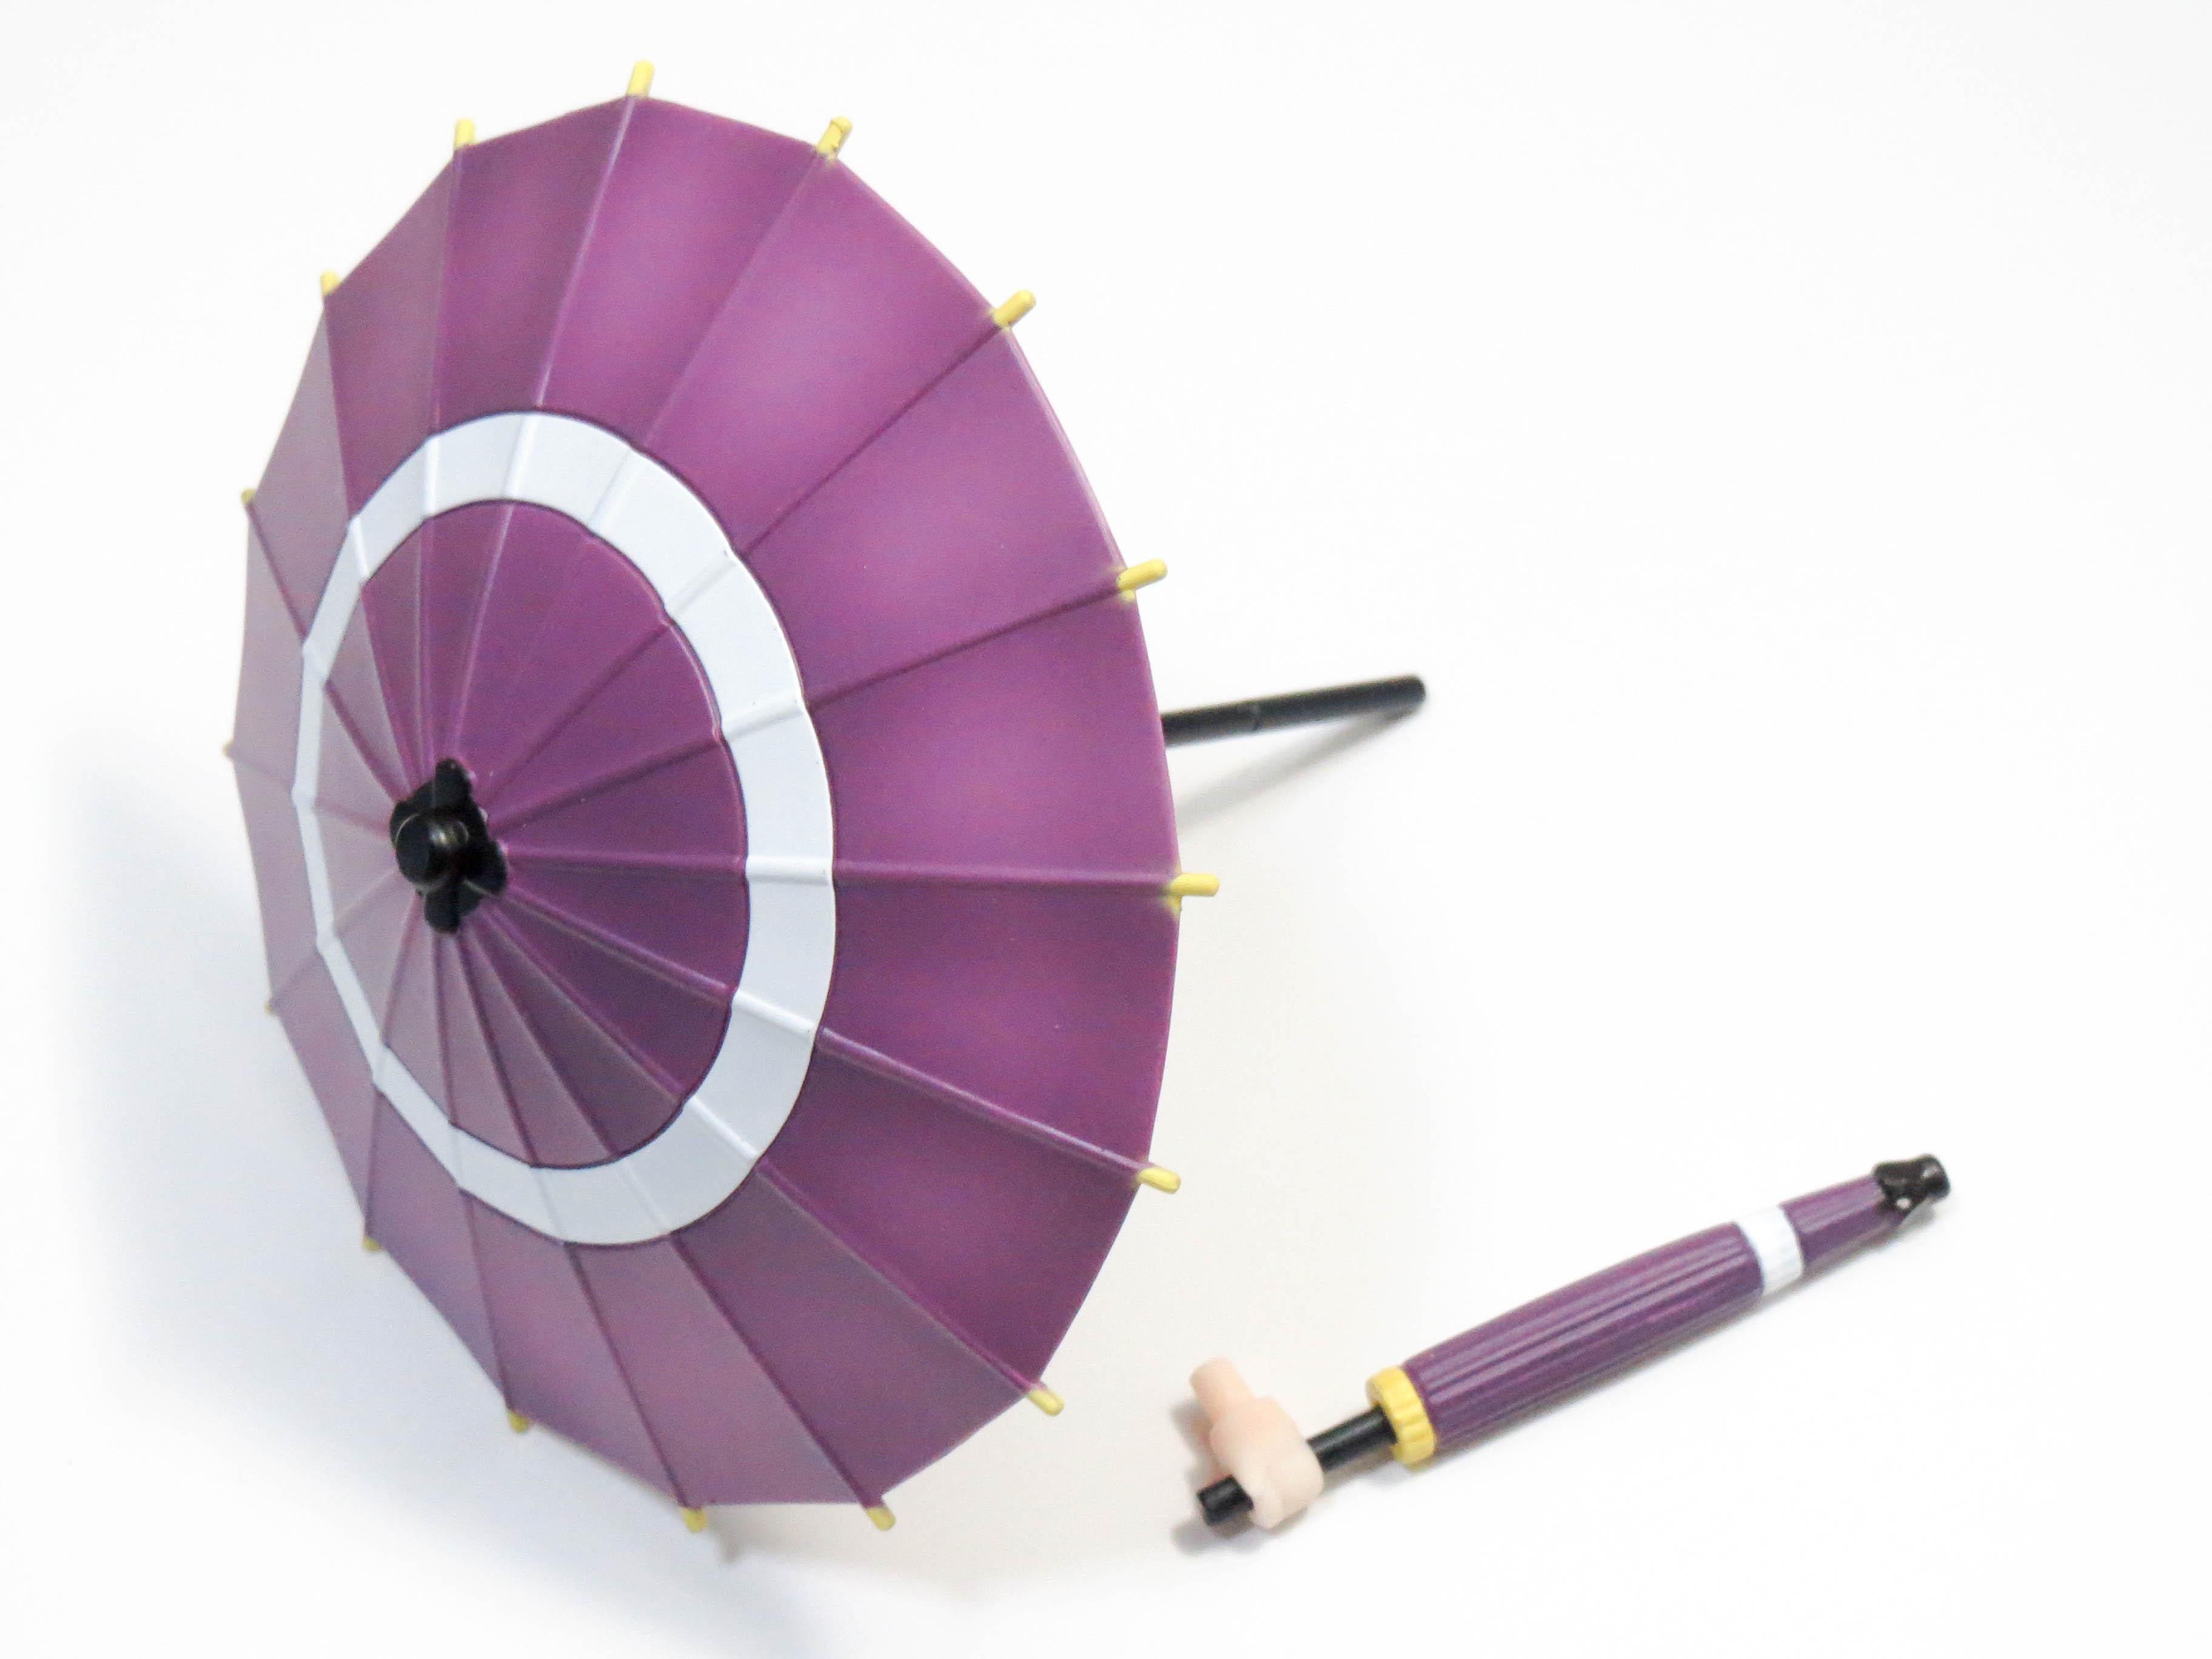 【797】 美樹さやか 舞妓Ver. 小物パーツ 和傘 ねんどろいど